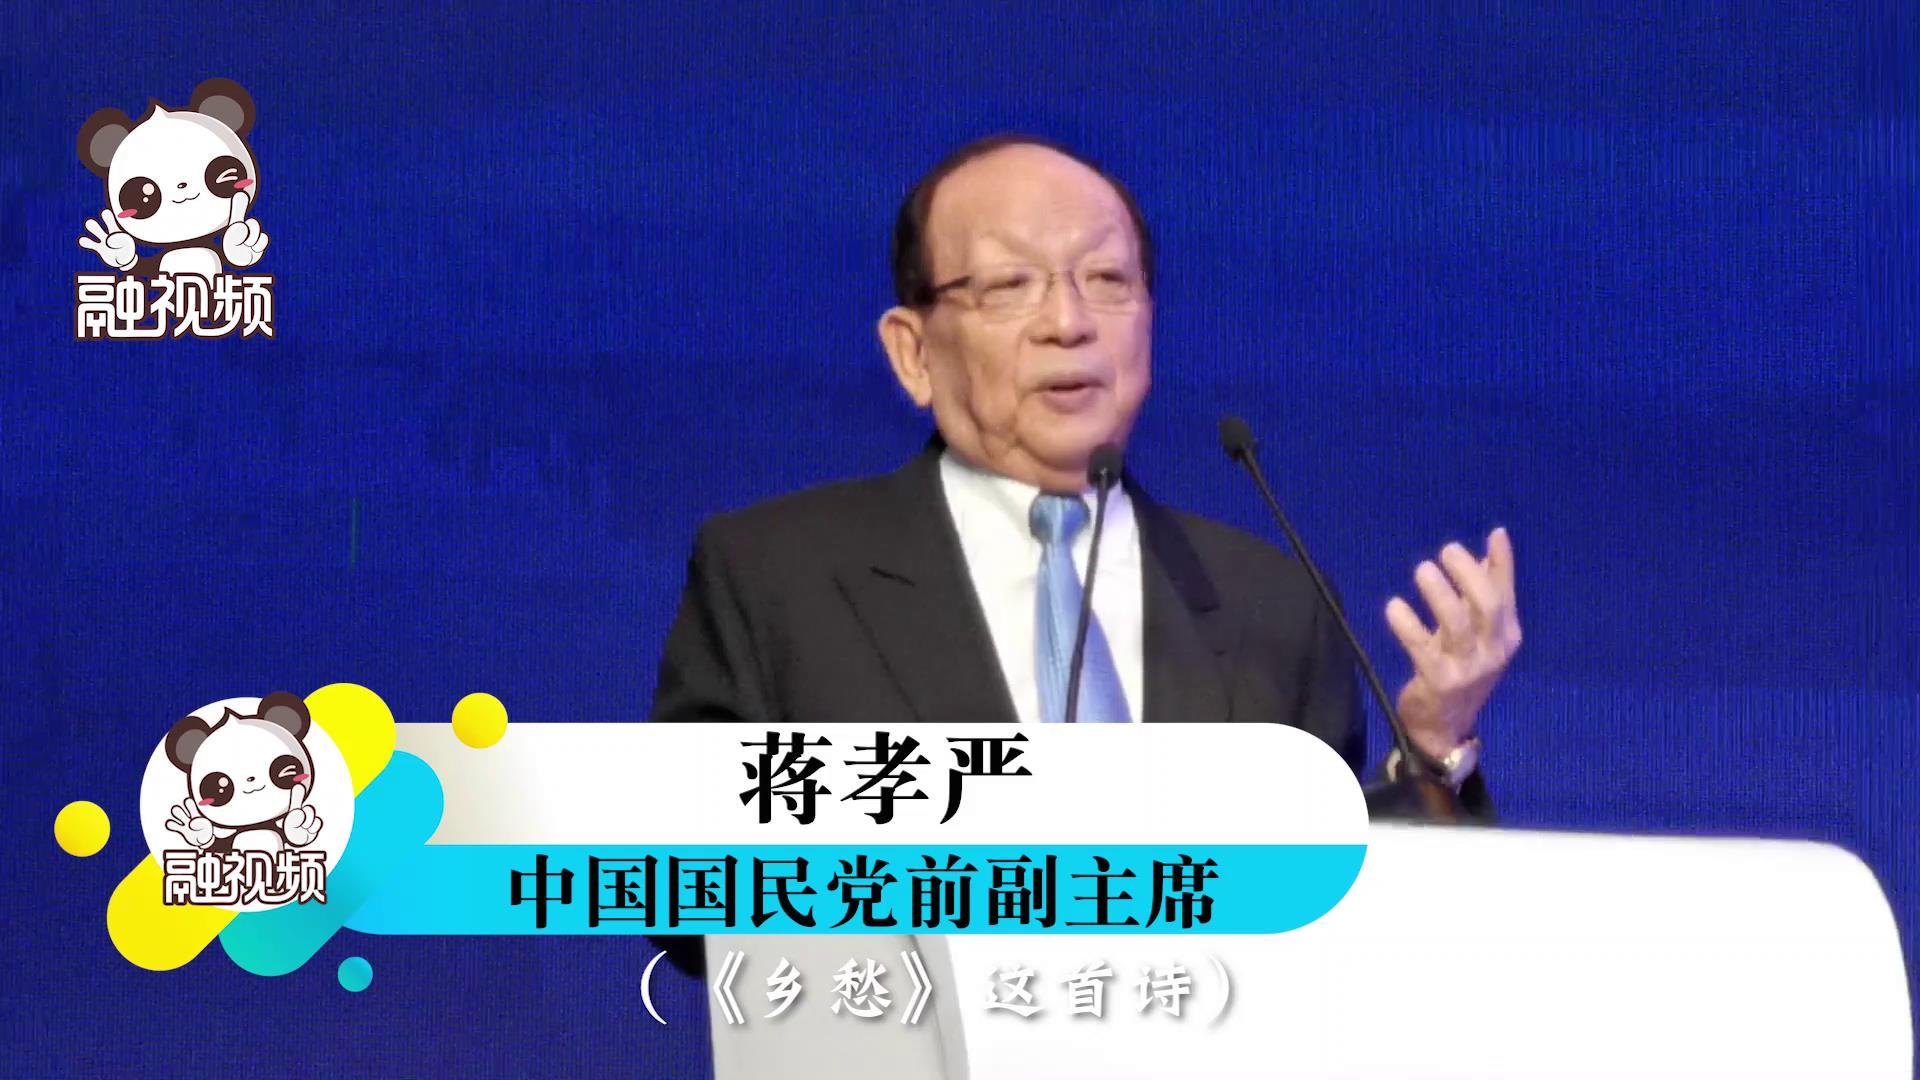 中国国民党前副主席蒋孝严讲话图片